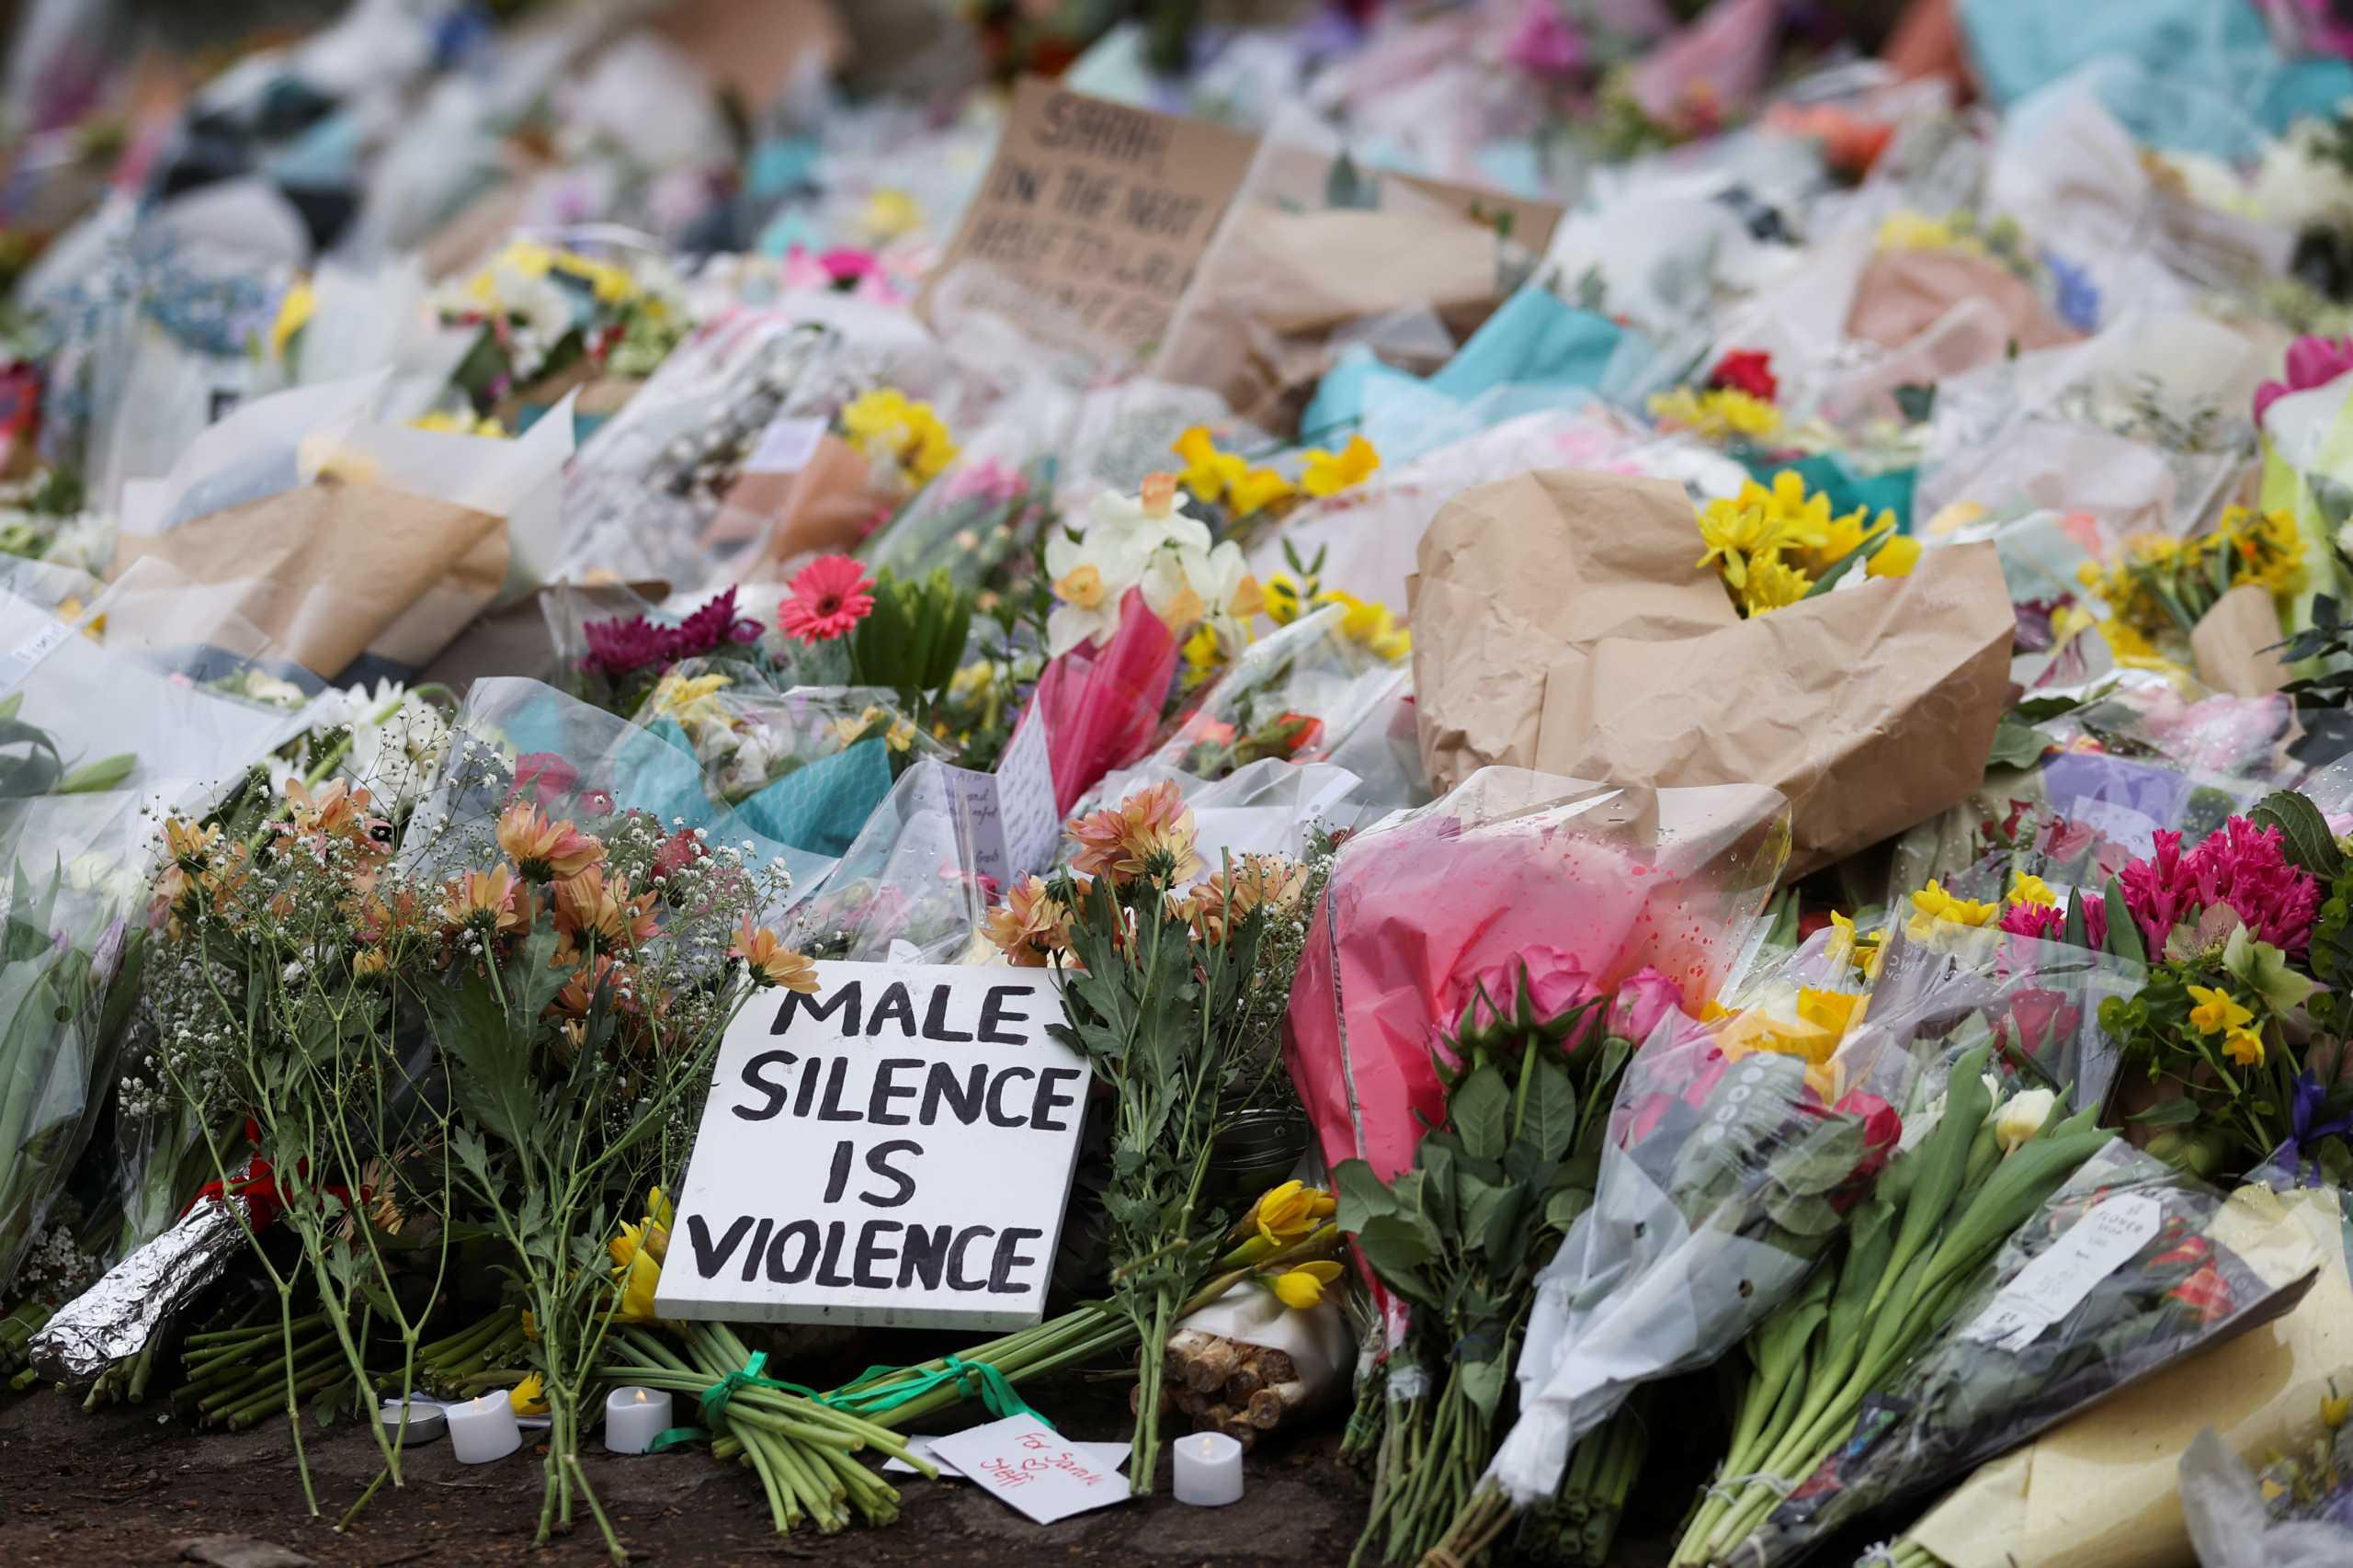 Σάρα Έβεραρντ: Τον Οκτώβριο η δίκη του αστυνομικού που την δολοφόνησε